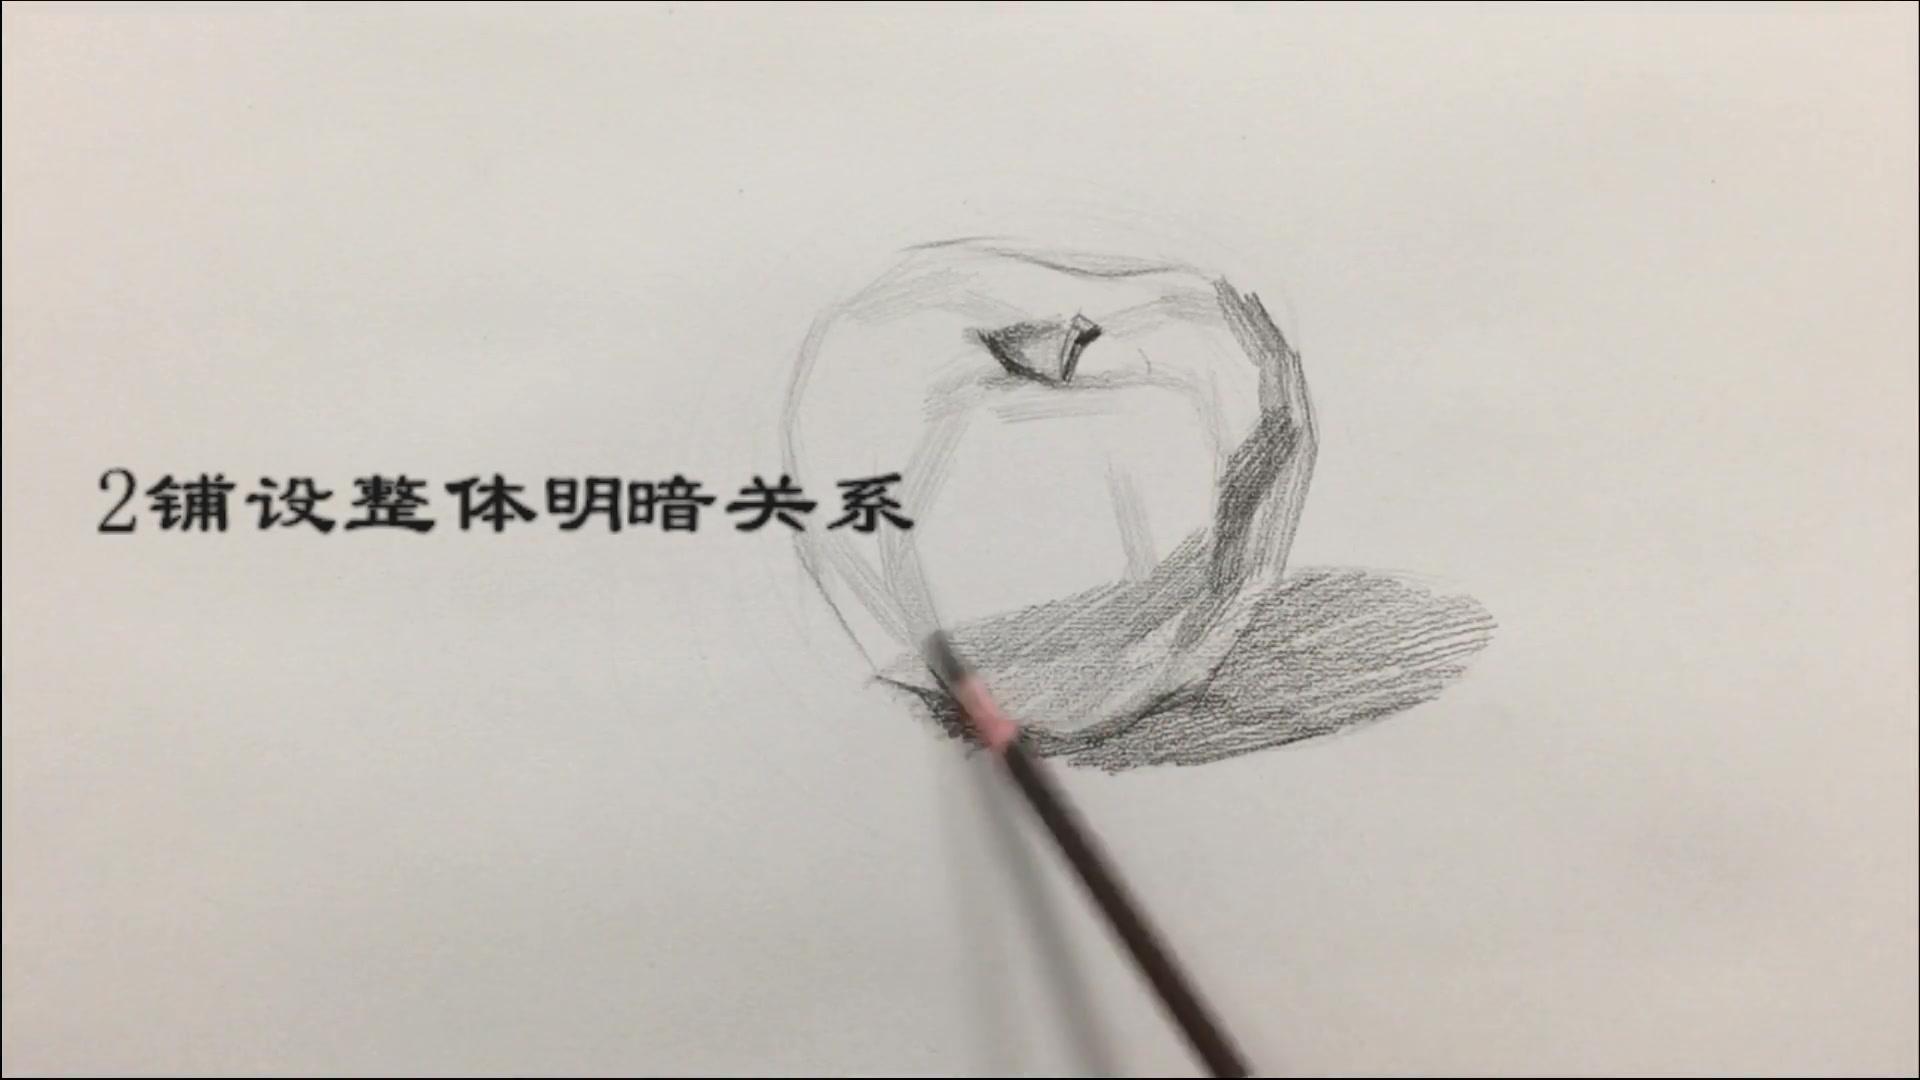 打开 长春青鸟画室素描静物火龙果视频教学美术高考绘画 画画 素描